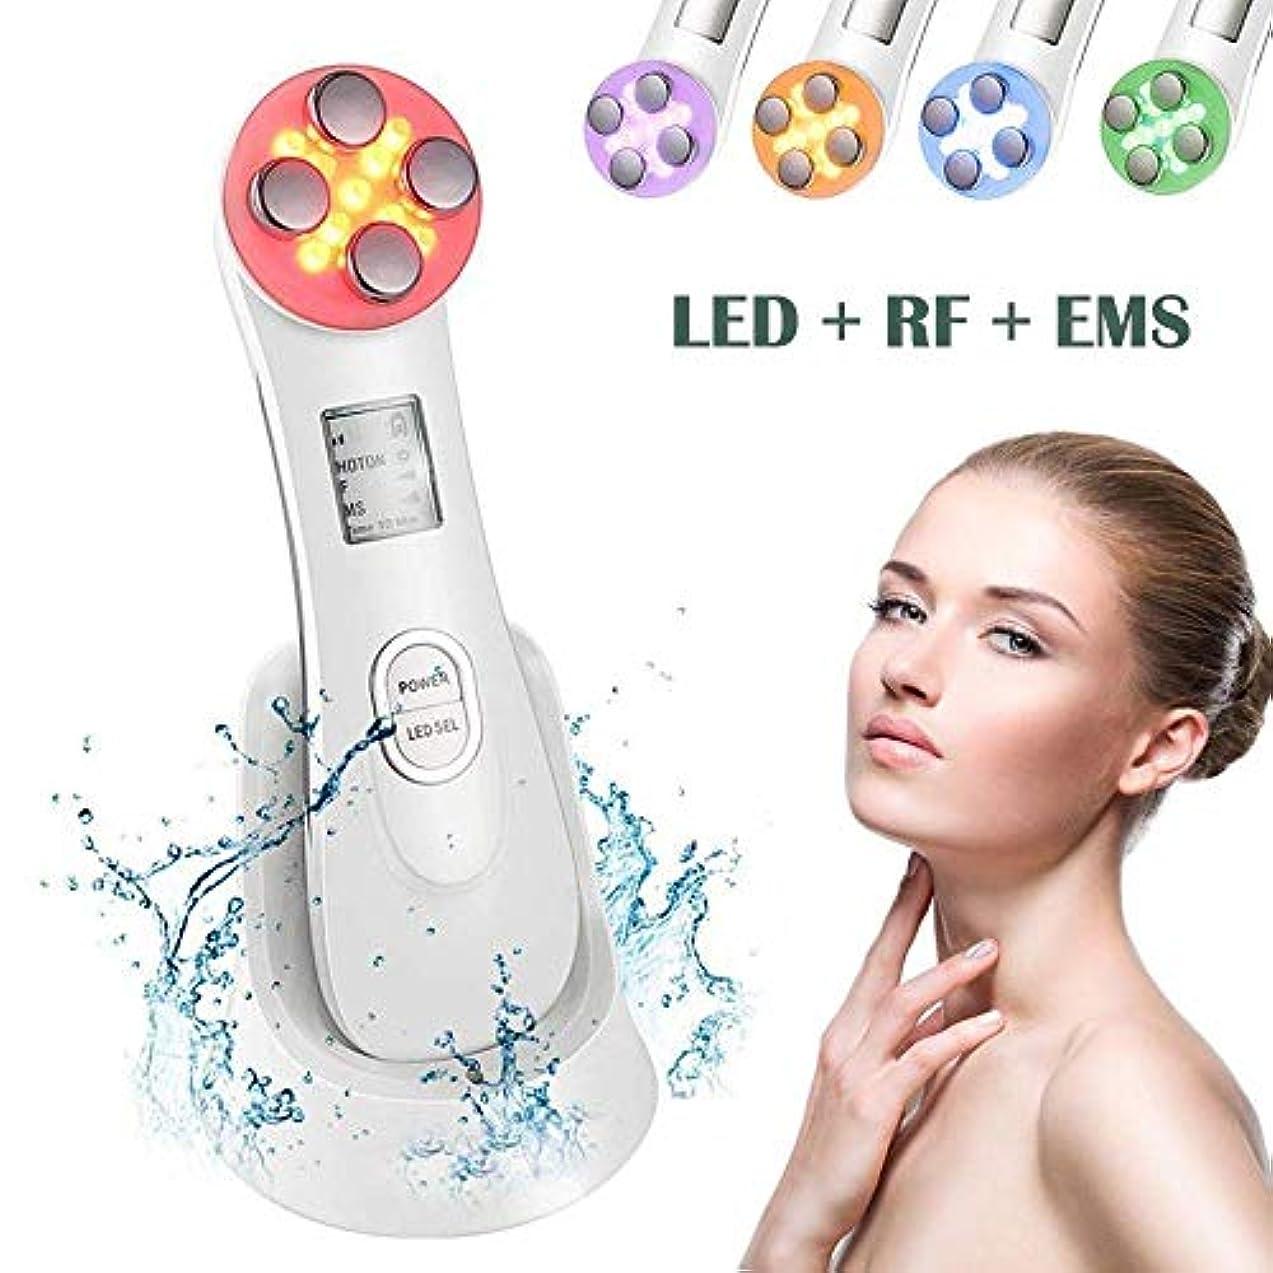 円形の変更静かに美装置、顔LEDの光子のスキンケア機械表面持ち上がることは、目のしわの心配の器械をきつく締めます